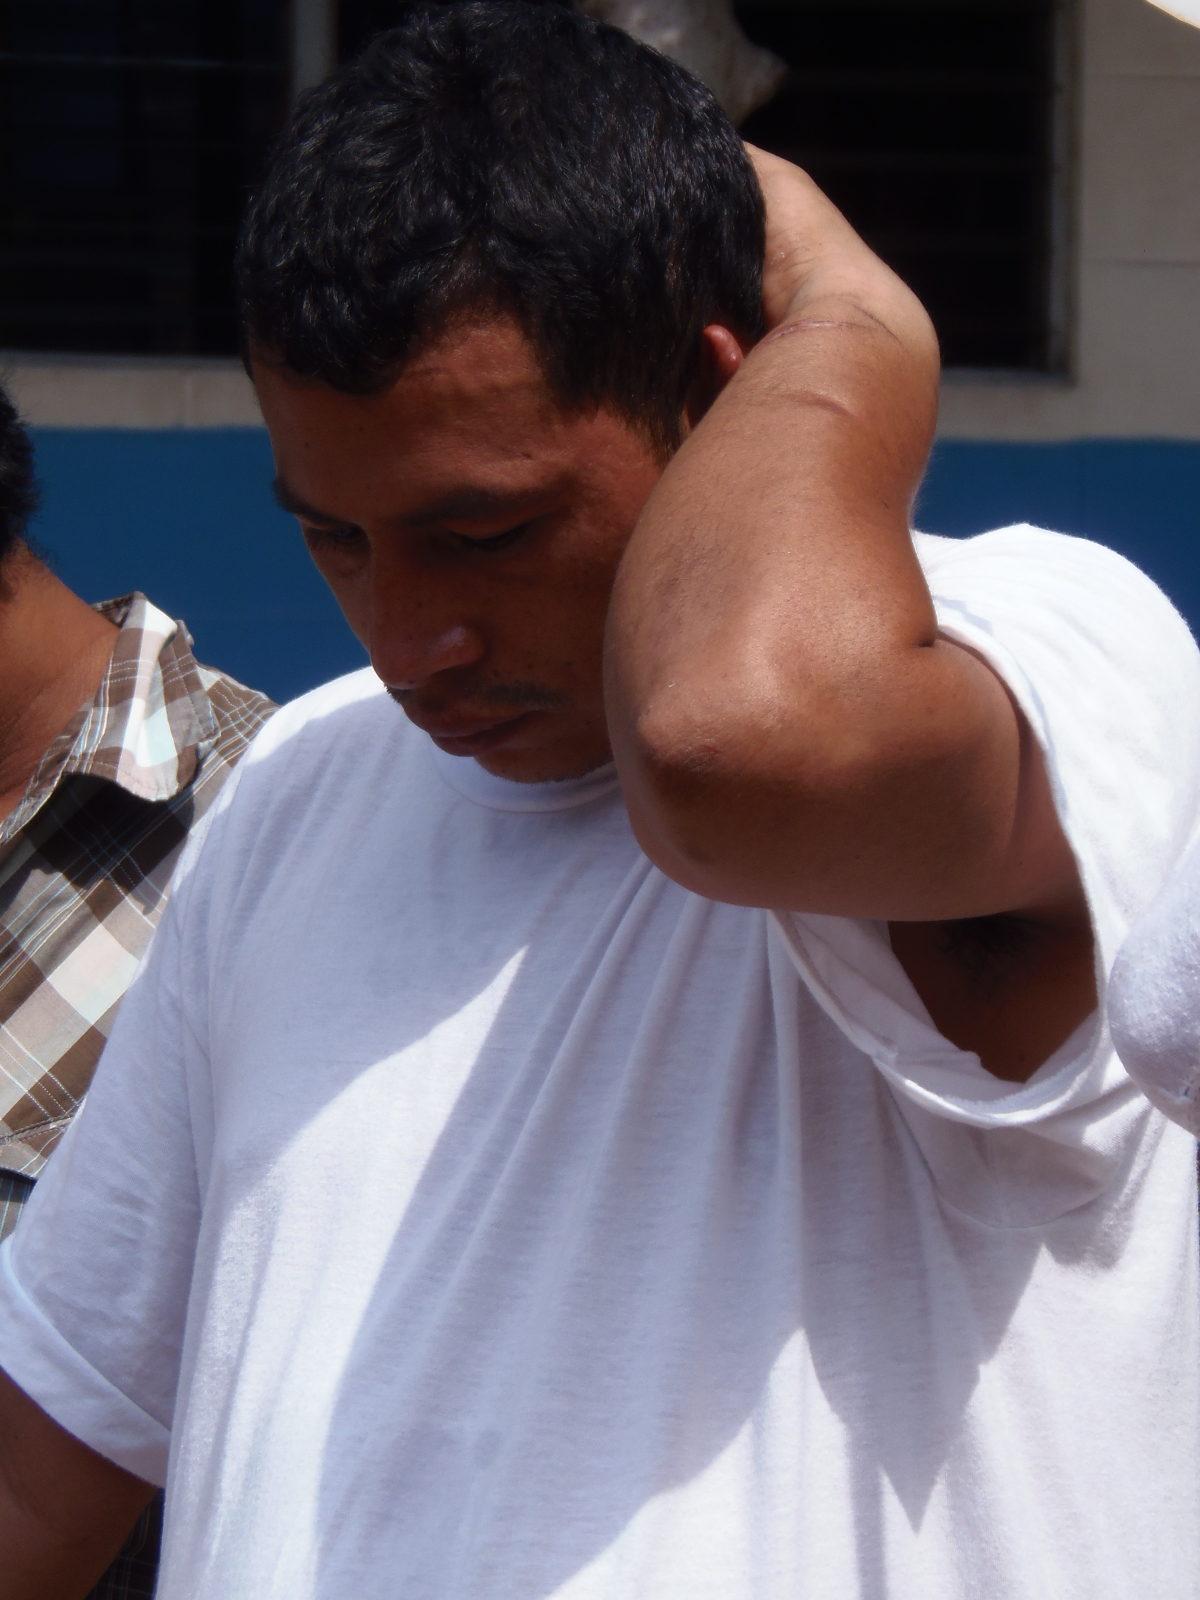 Líder de la clica que opera en el sector del mercado Colón es intimado por el delito de homicidio